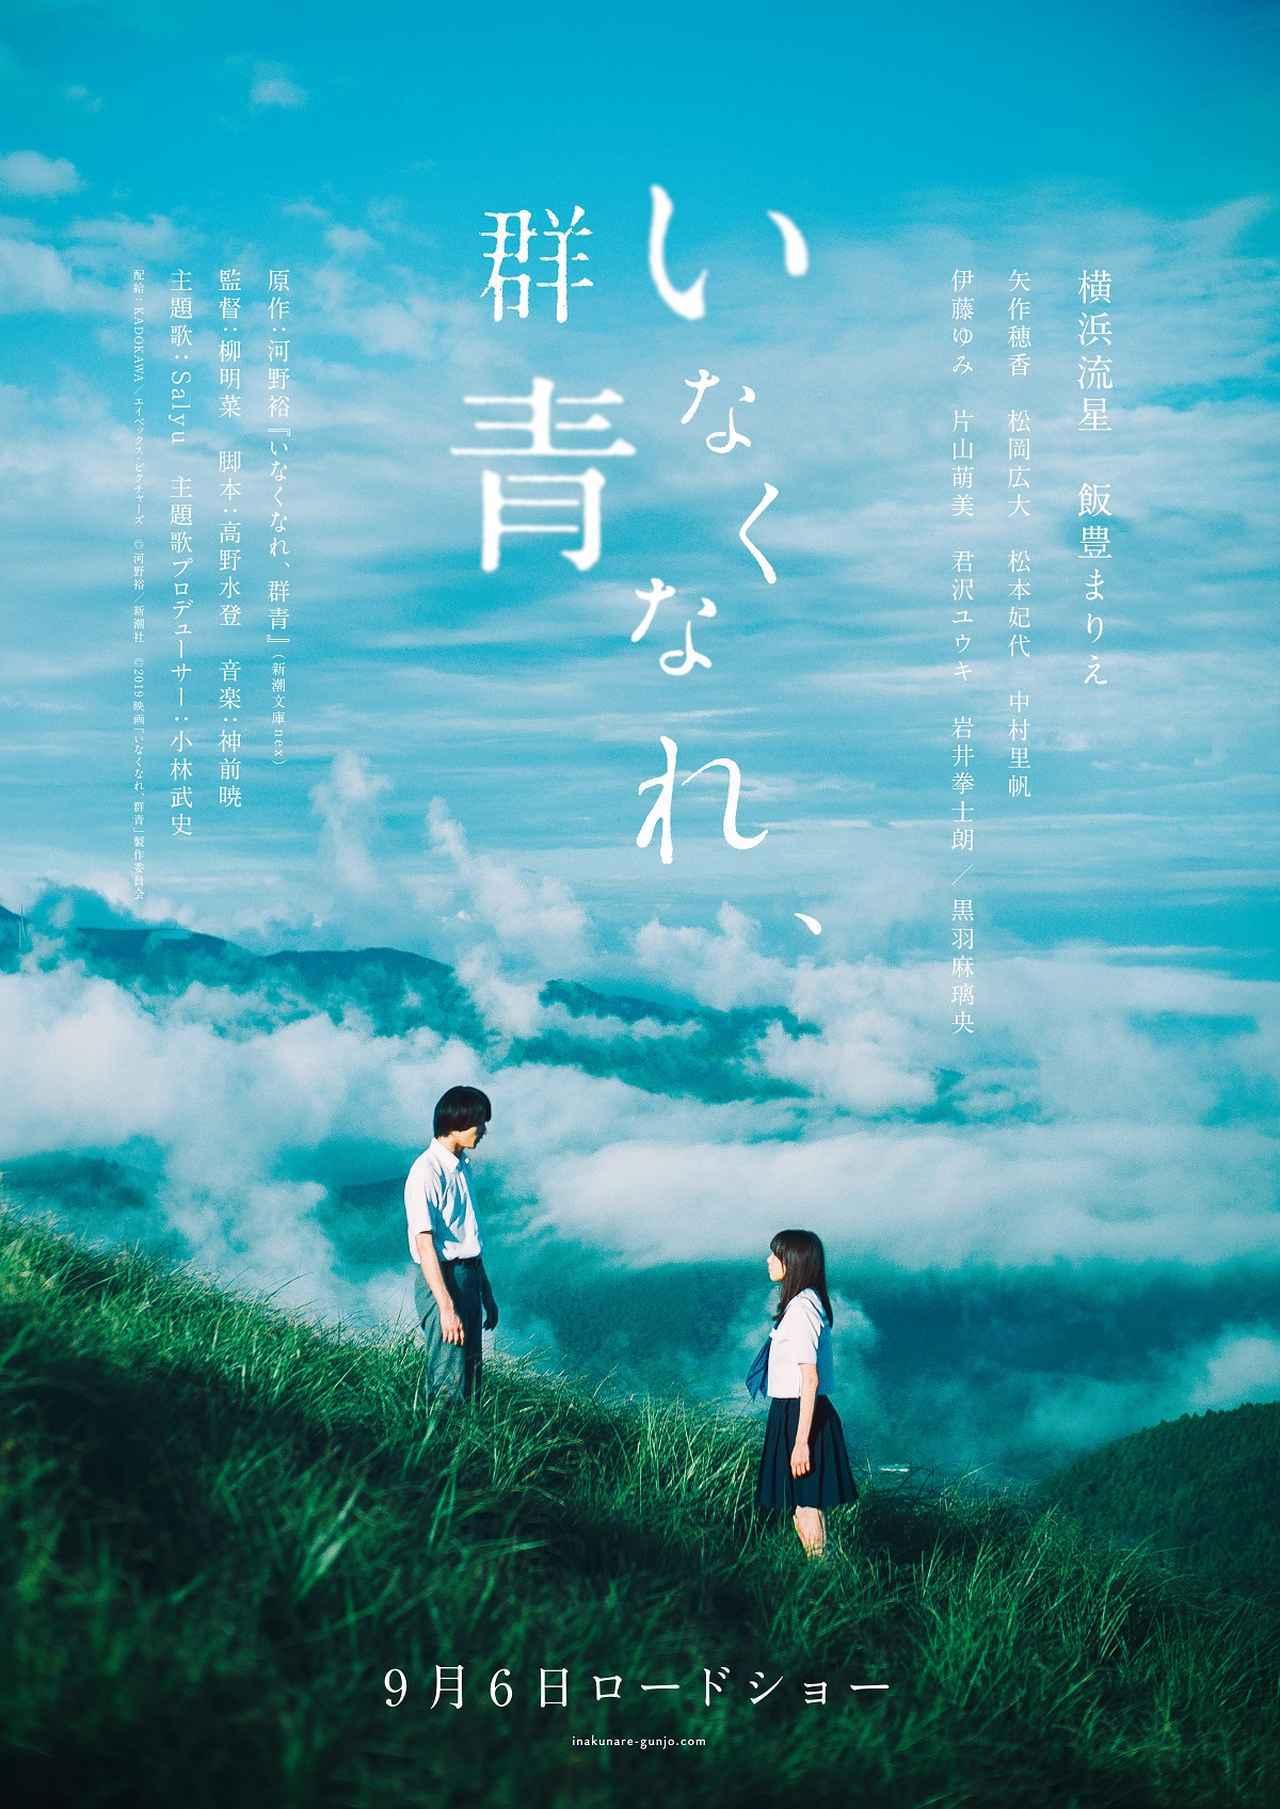 画像1: (C)河野裕/新潮社 (C) 2019映画「いなくなれ、群青」製作委員会